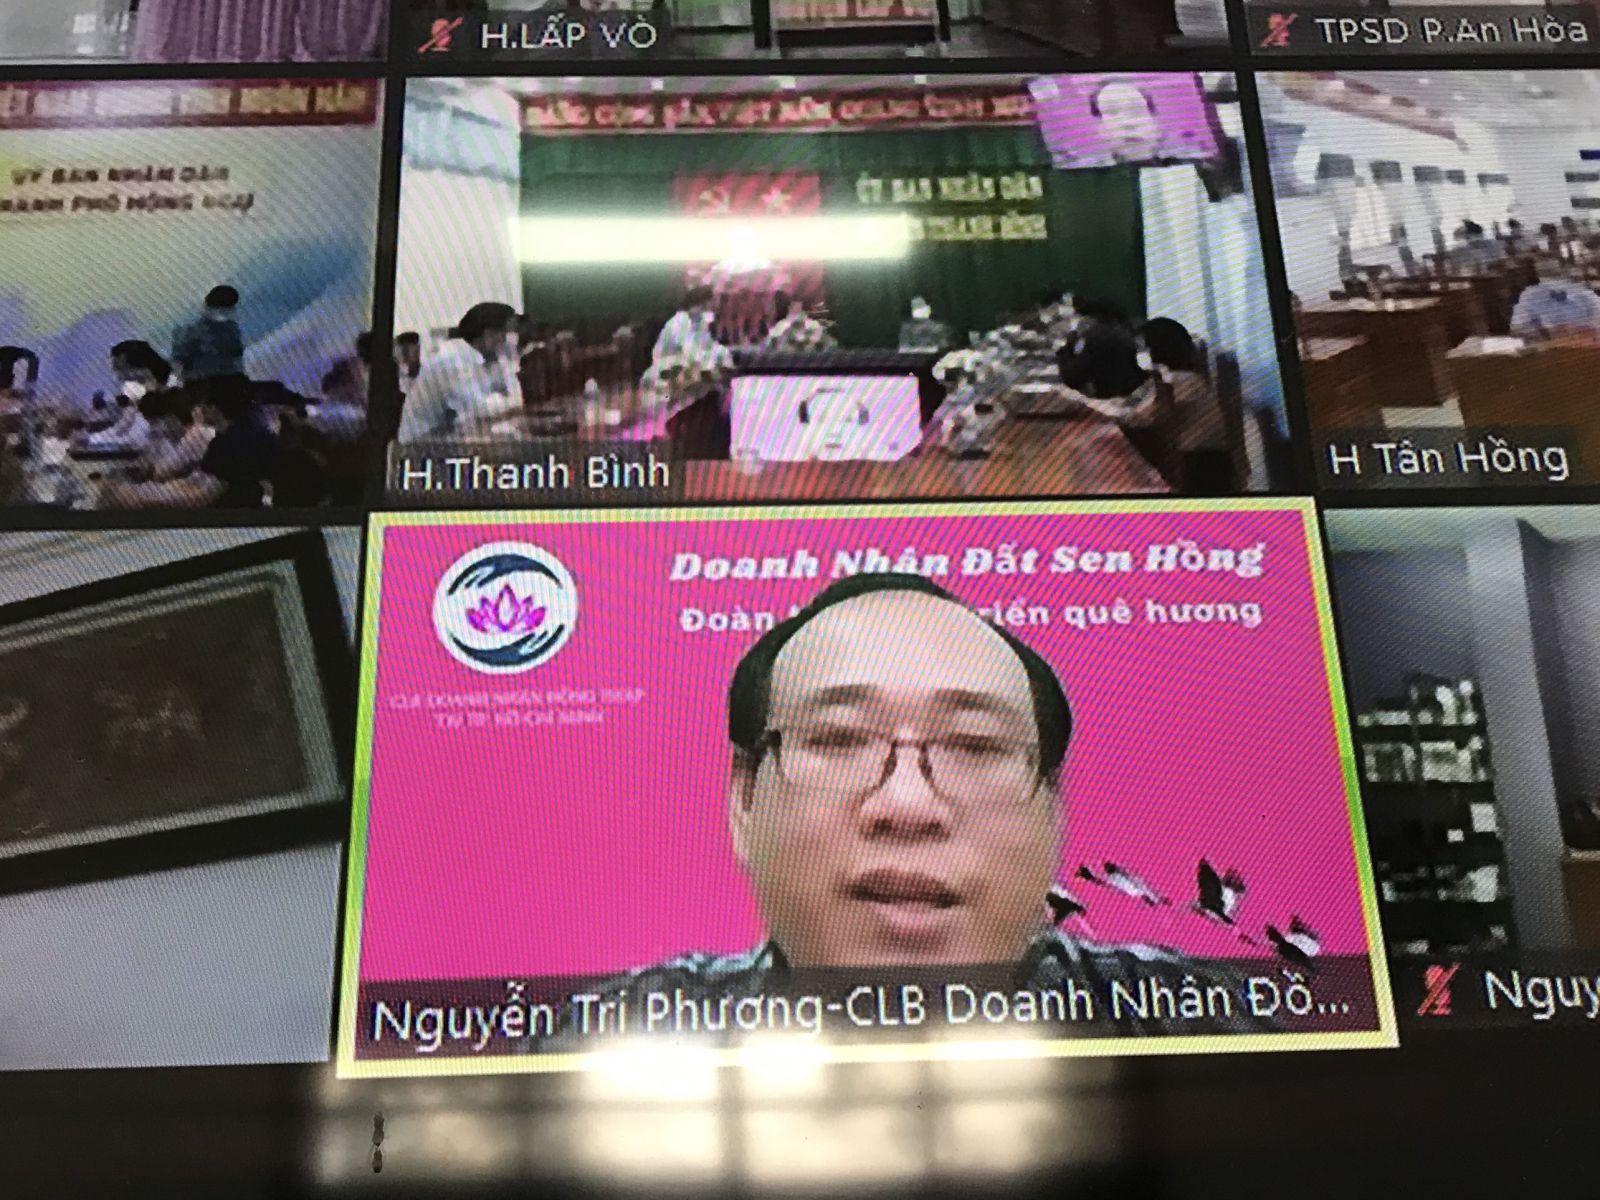 Ông Nguyễn Tri Phương - Phó Chủ tịch CLB Doanh nhân Đồng Tháp tại TP.HCM, chi sẻ thông tin tại điểm cầu TP.HCM